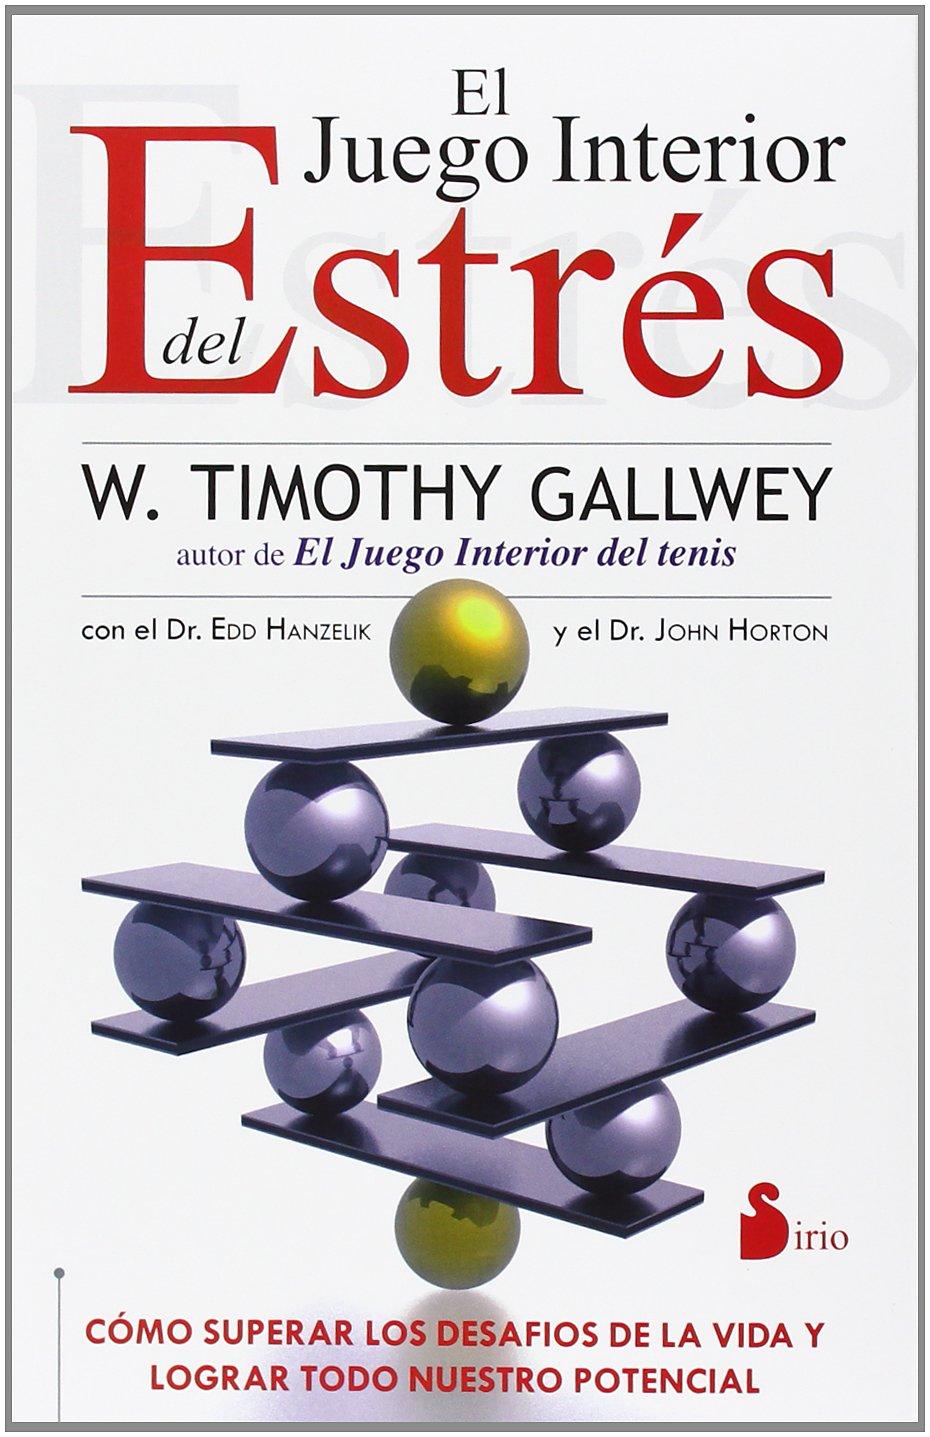 El juego interior del estrés (2013): Amazon.es: TIMOTHY GALLWEY, Edd  Hanzelik, John Horton, Antonio Luis Gómez Molero: Libros